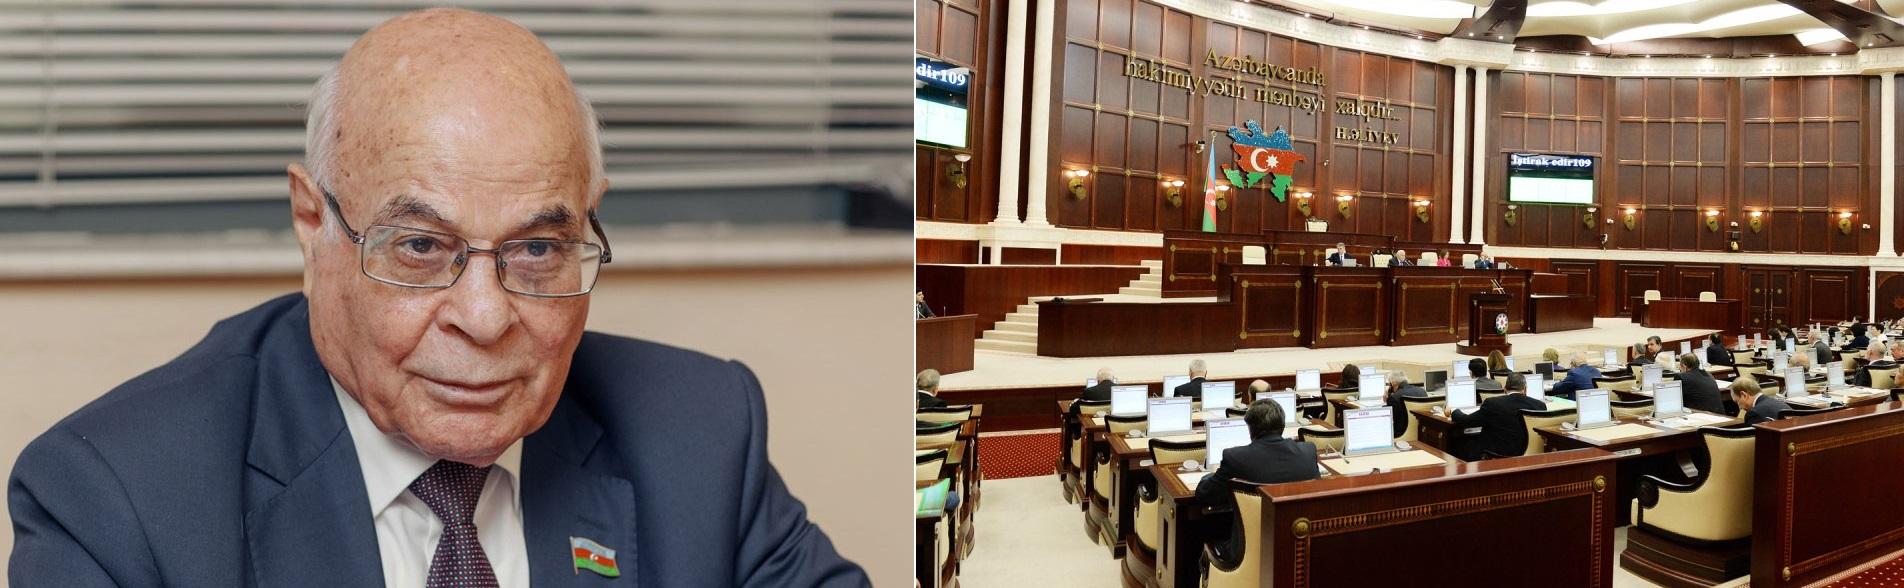 Azərbaycanlı deputat: Bəzi deputatlar cümlələri düzgün qura bilmirlər – MÜSAHİBƏ